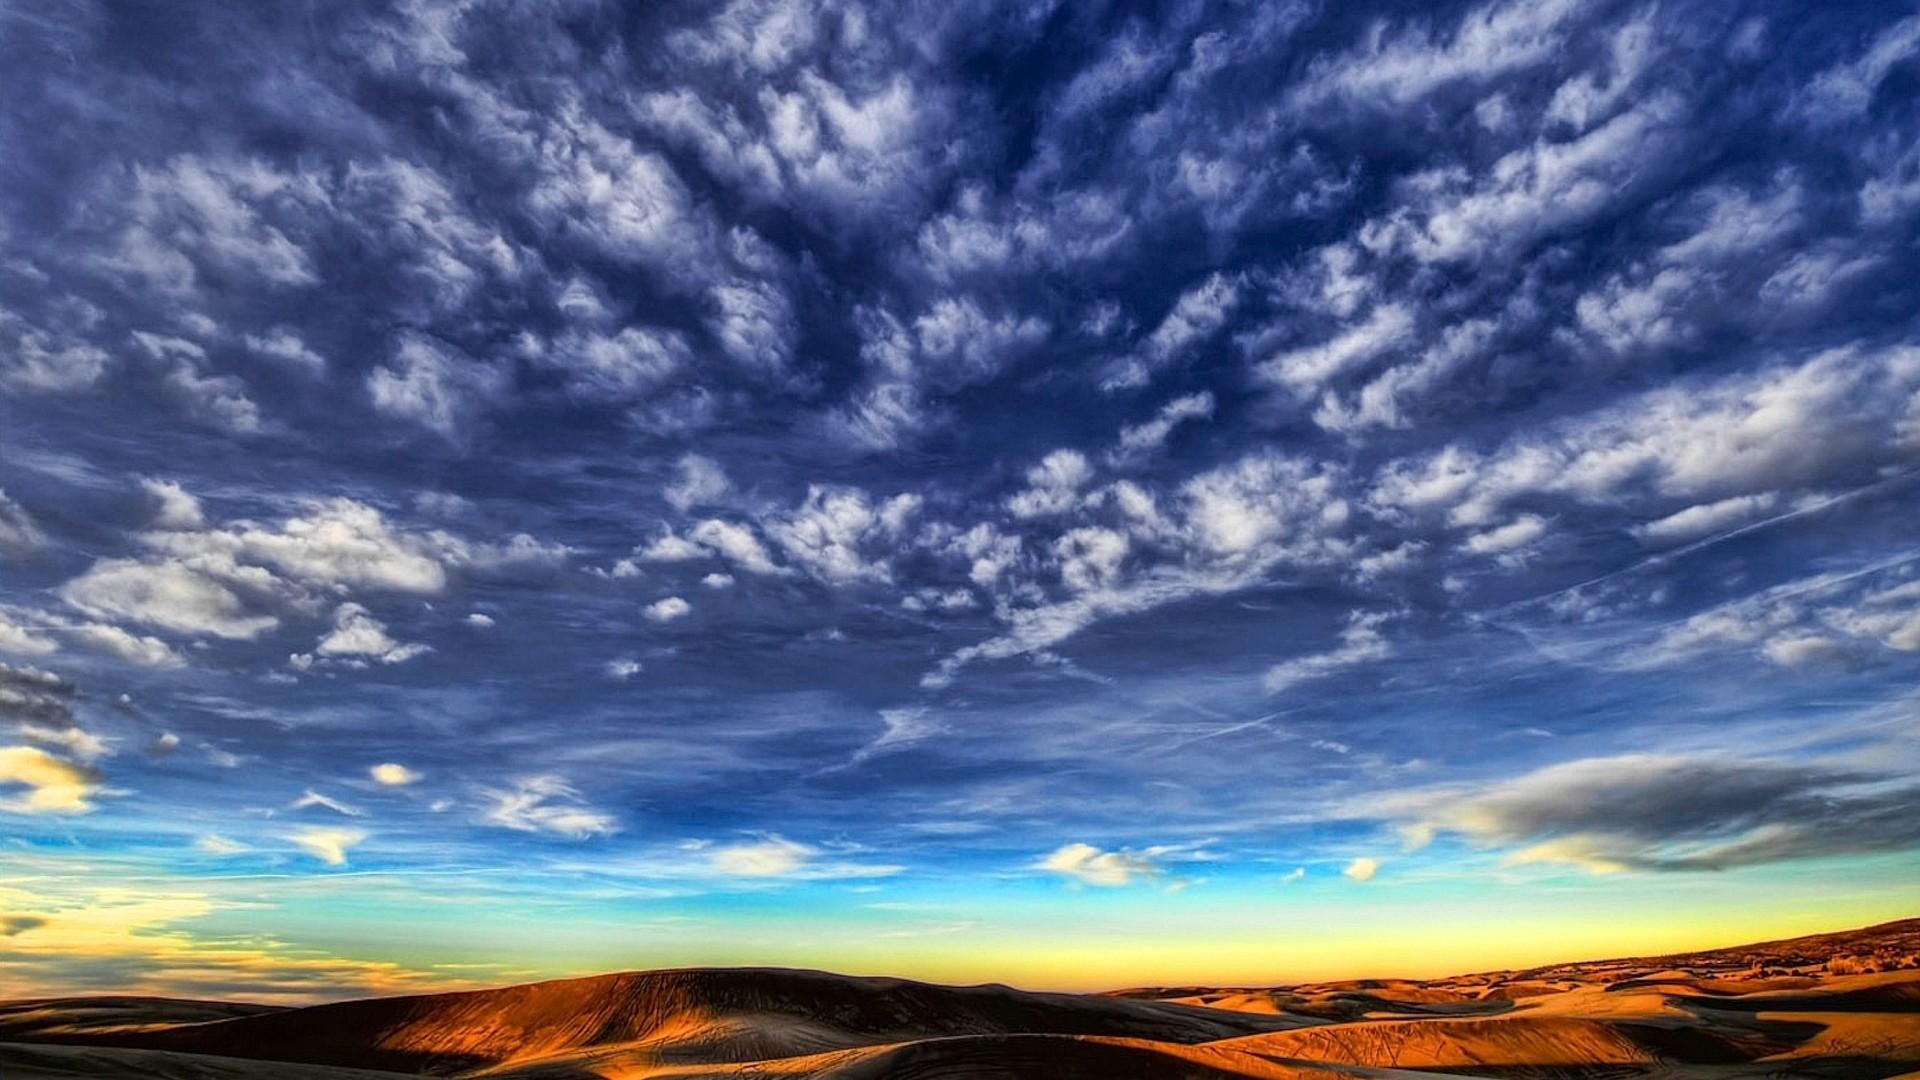 Wallpaper clouds, sky, lines, patterns, desert